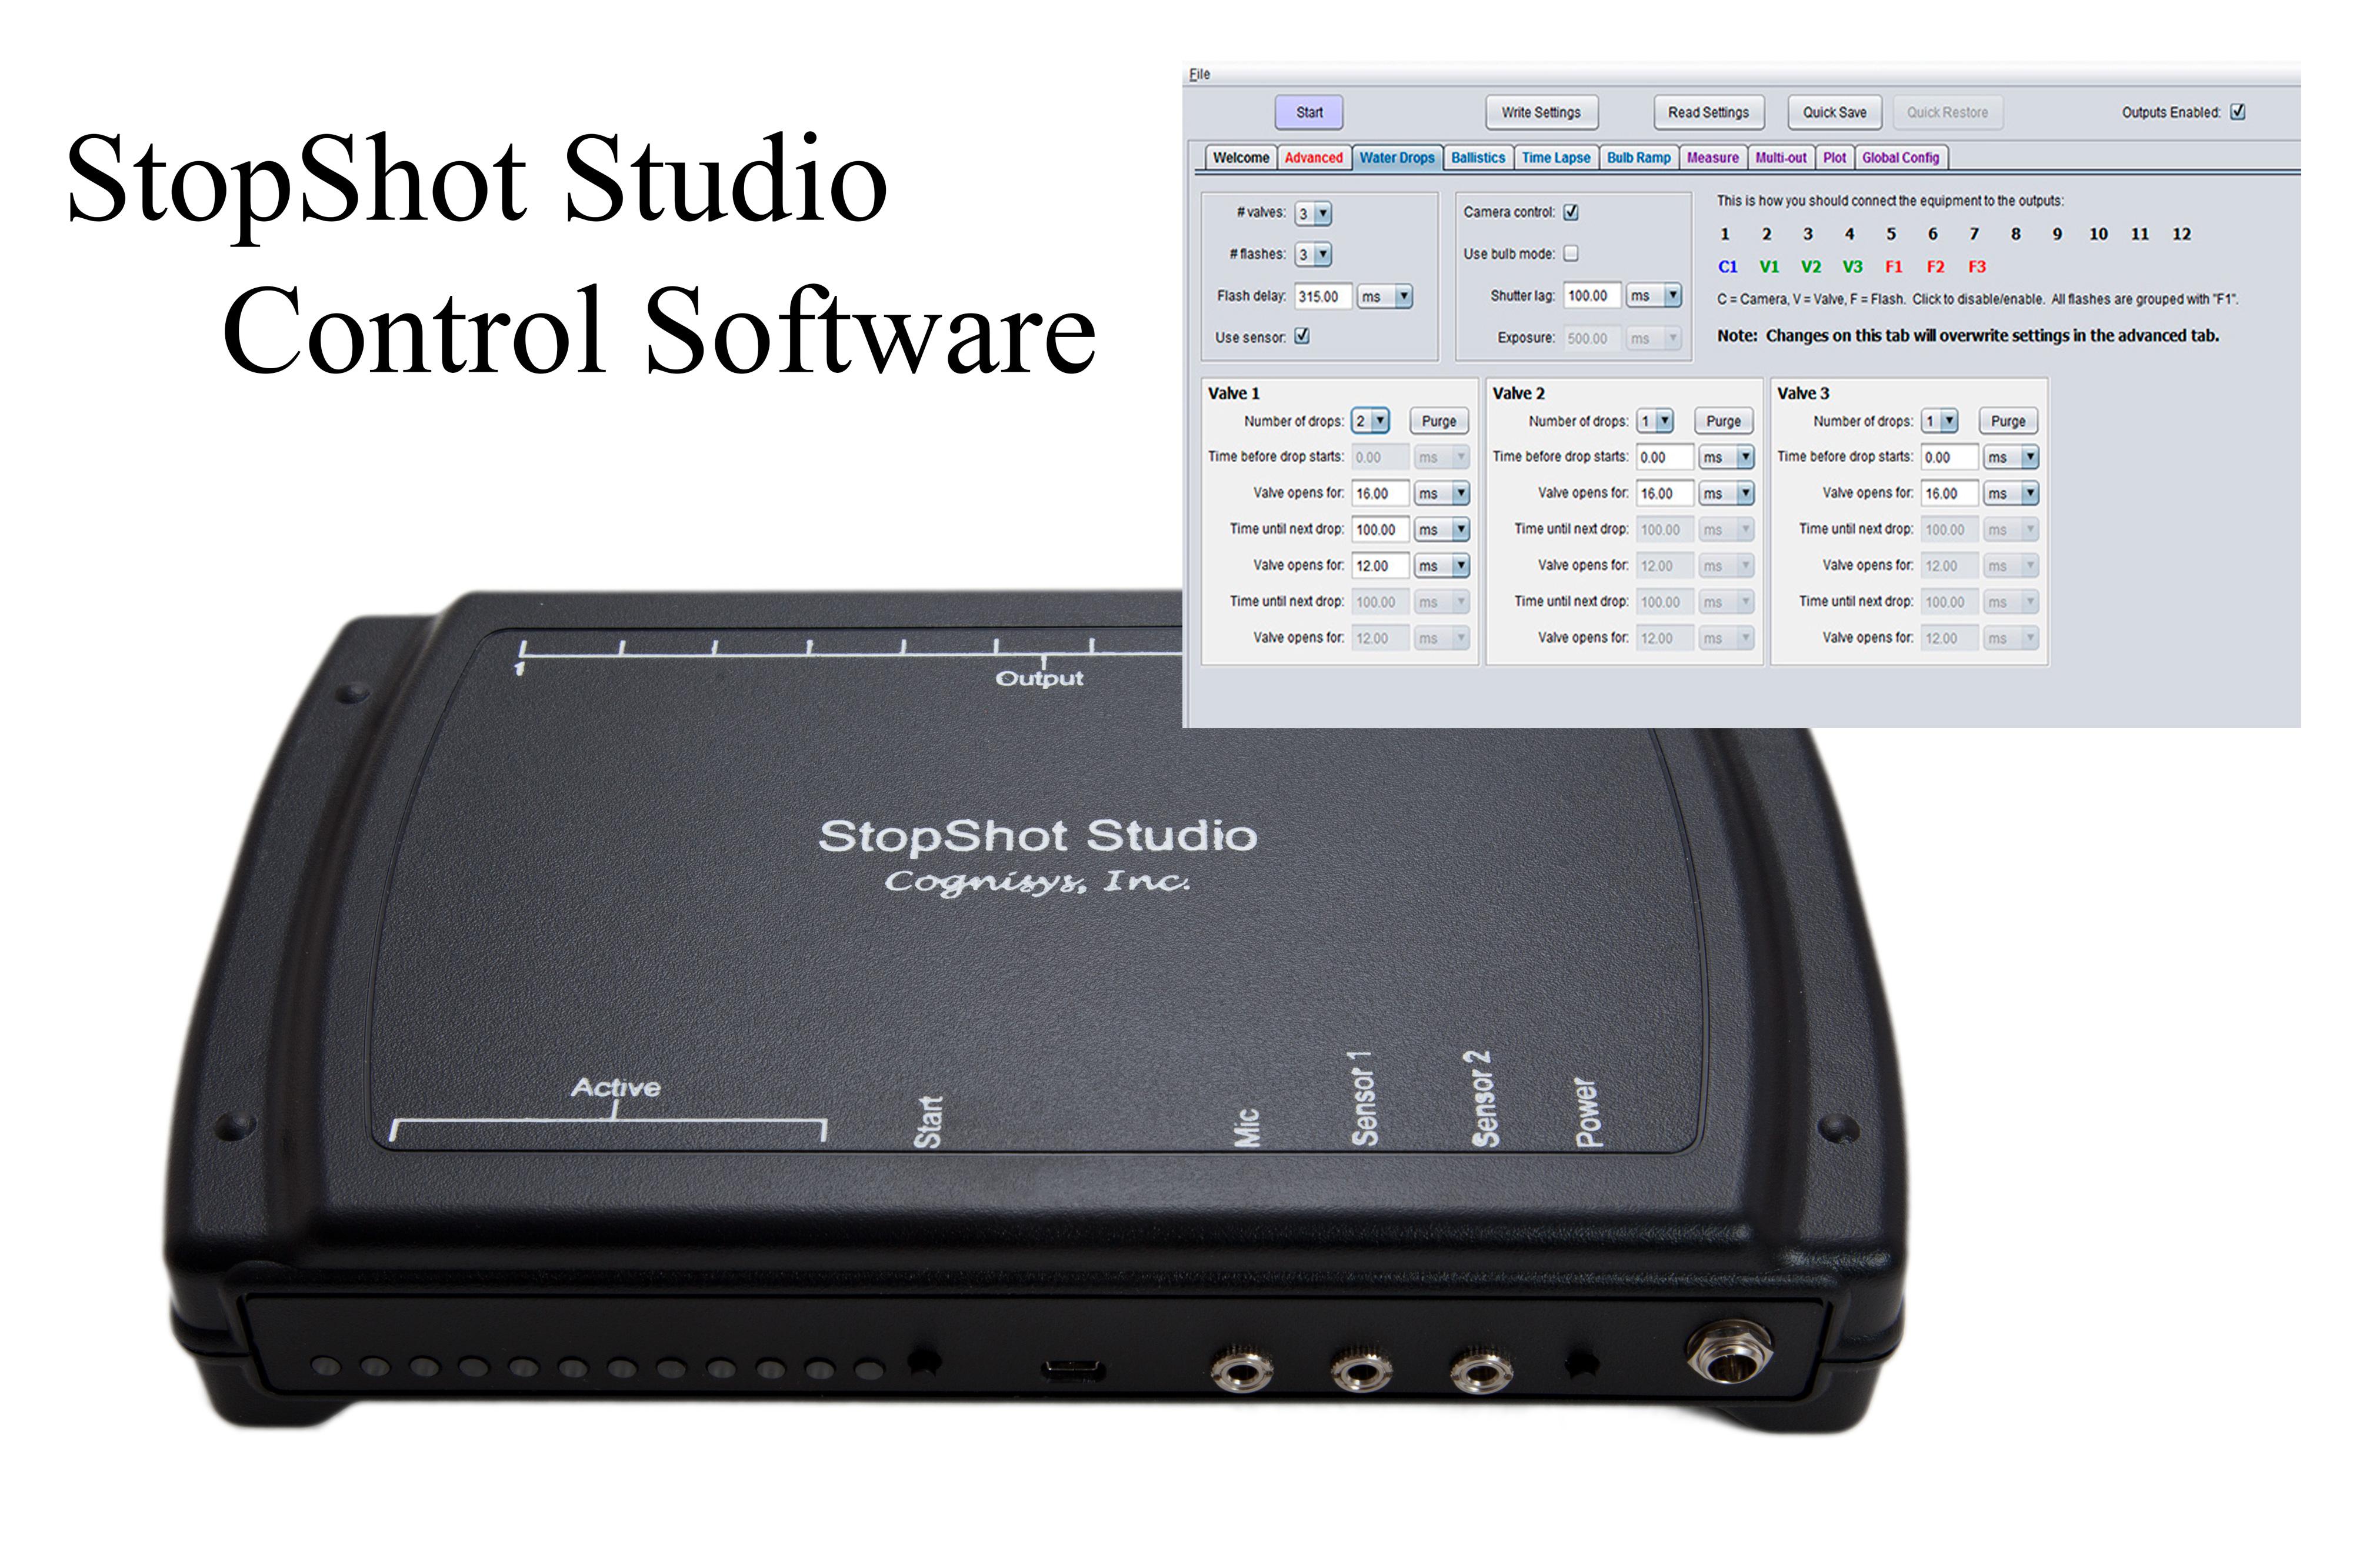 StopShot Studio Software